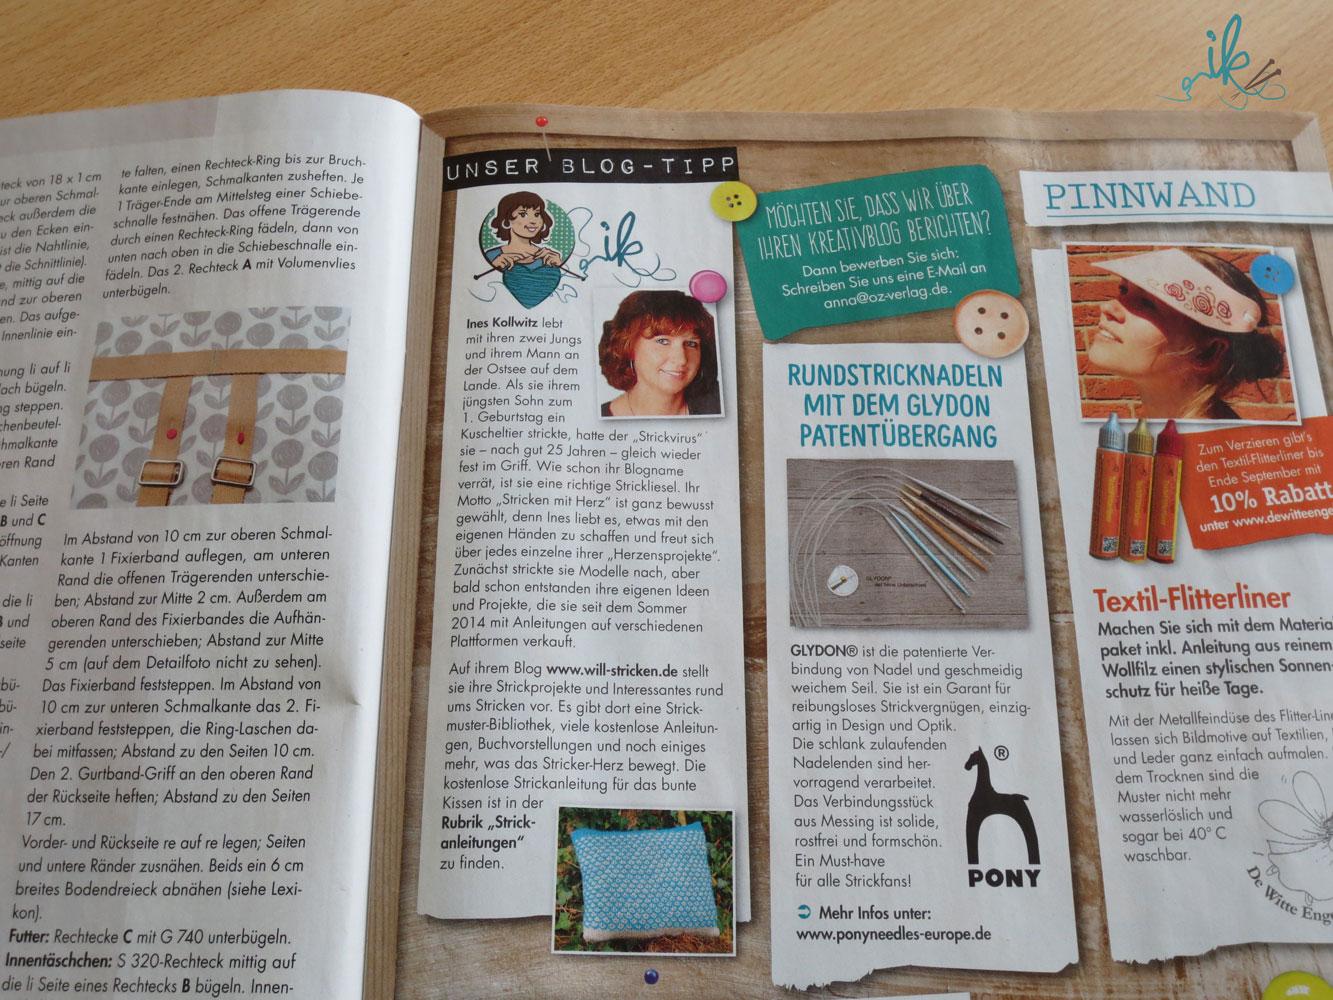 Blog Tipp in der Zeitschrift Anna